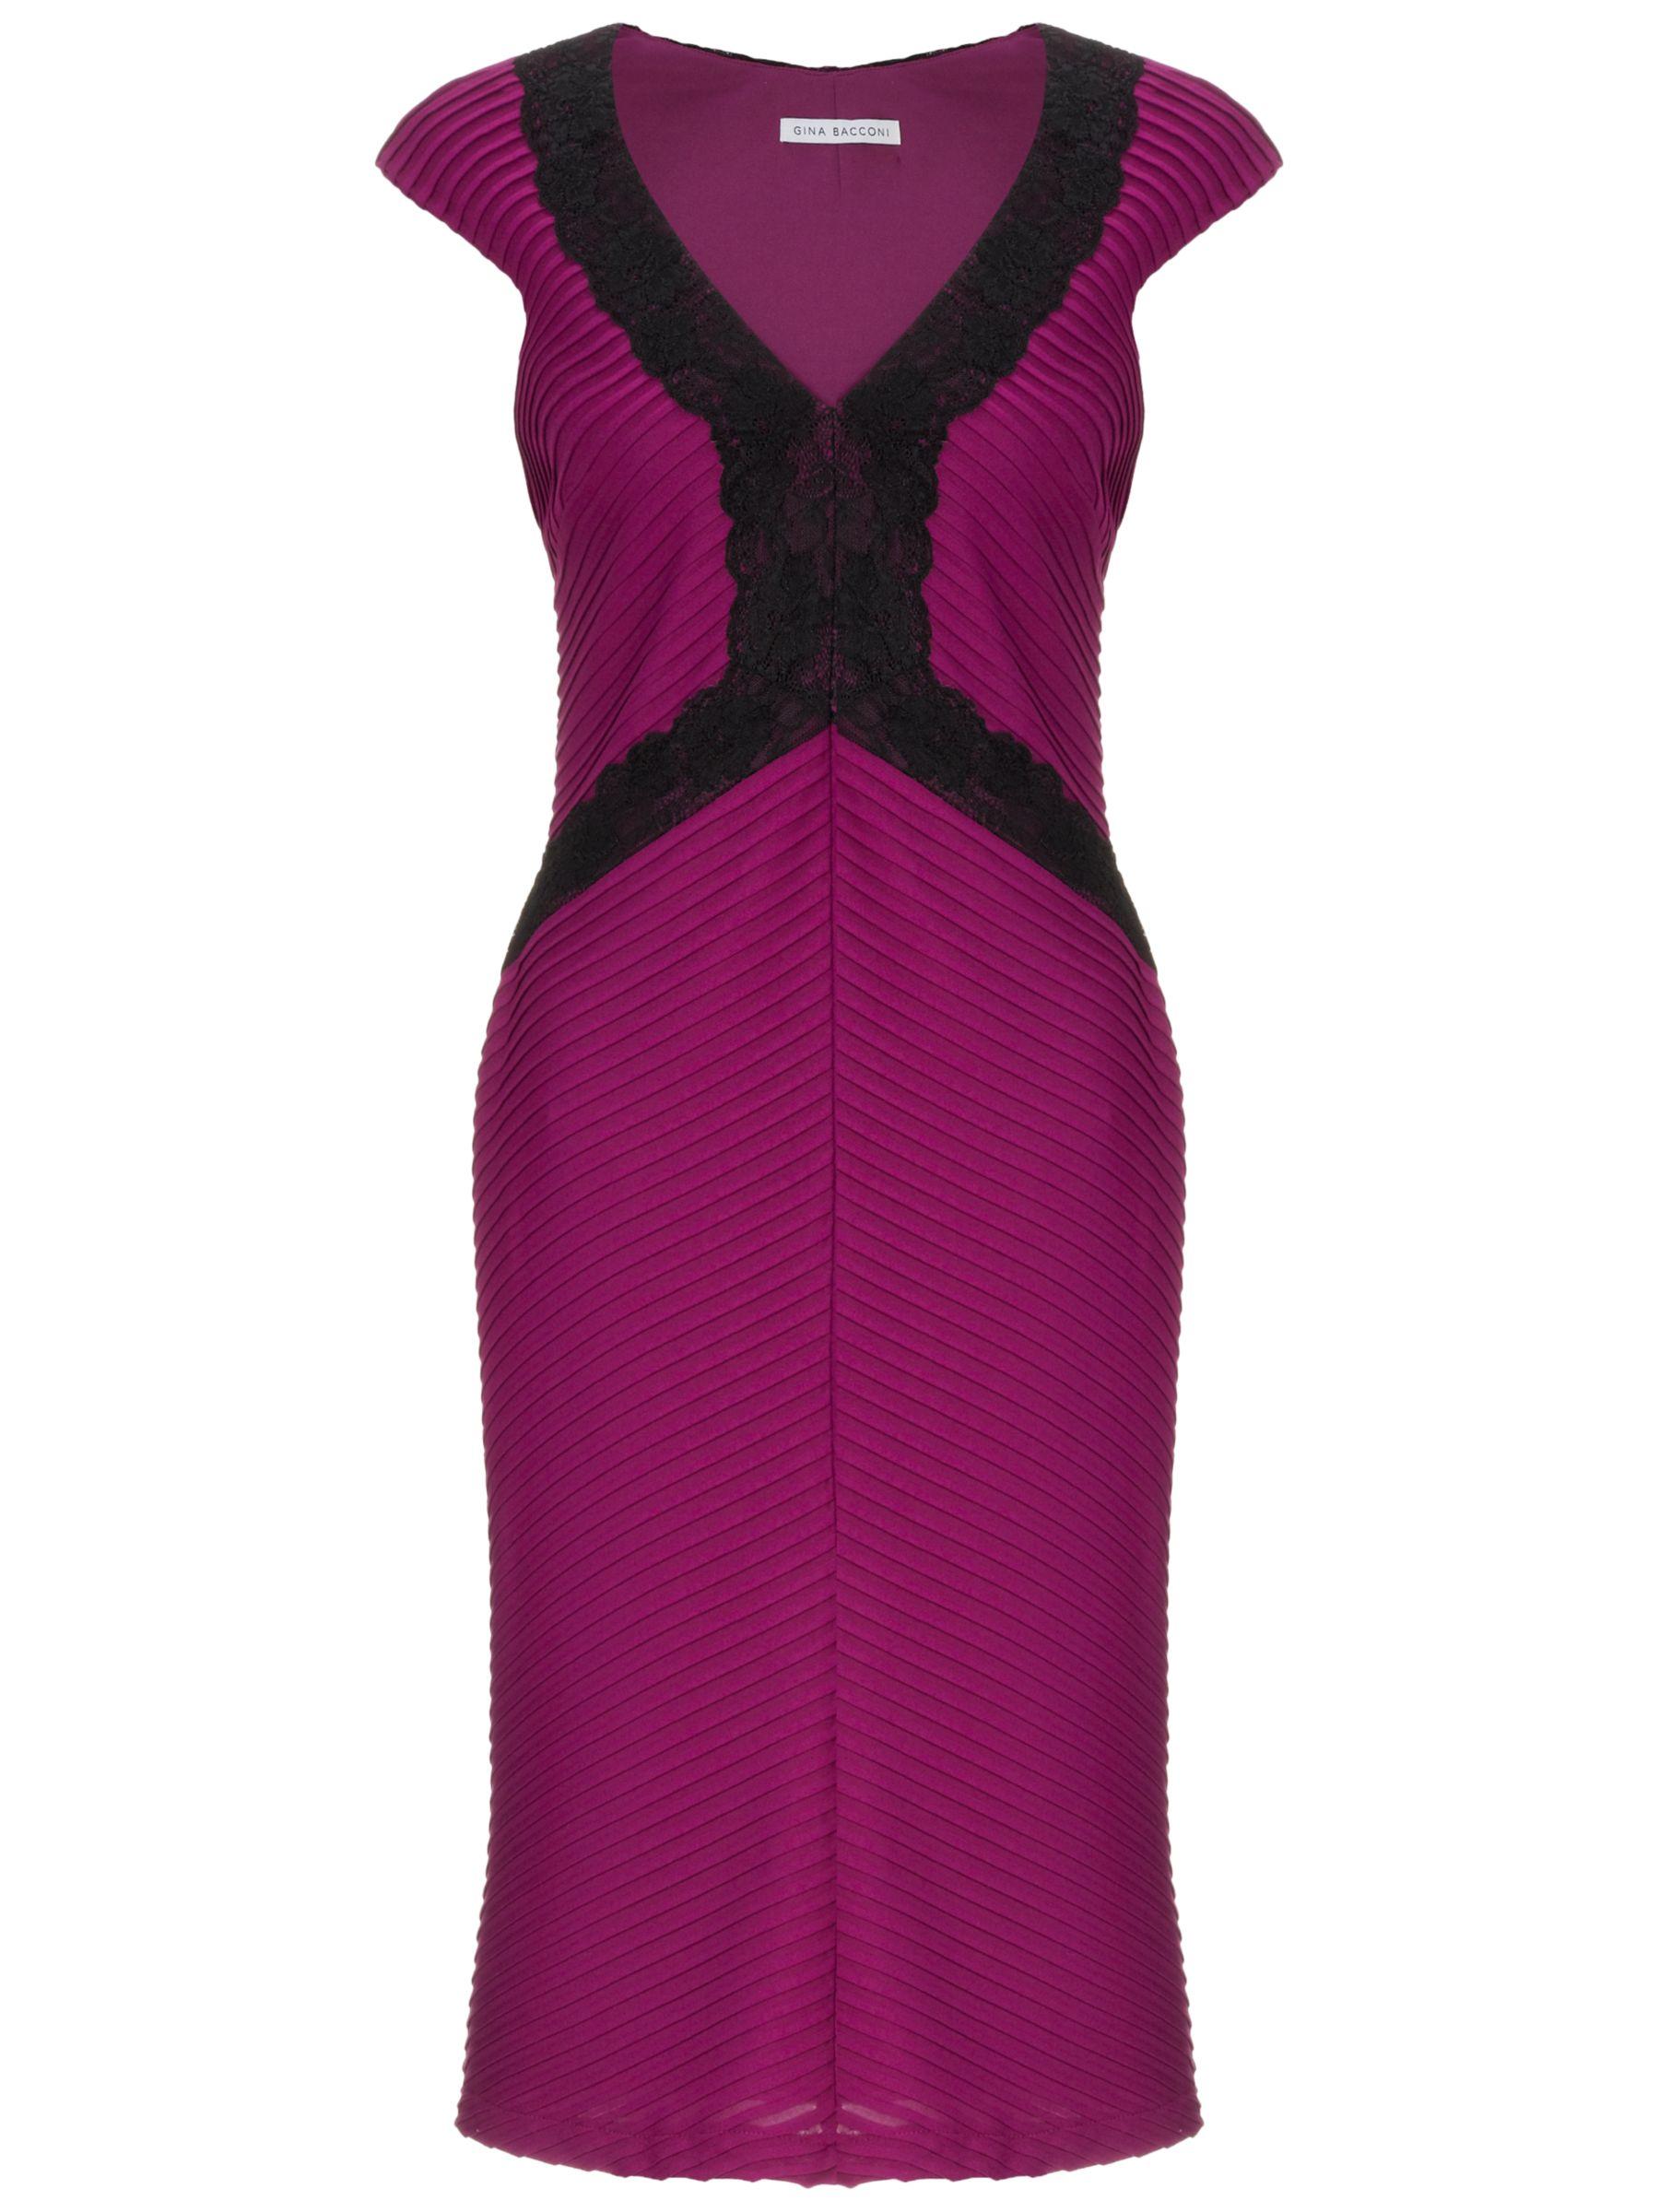 Gina Bacconi Pin Tuck Jersey Dress, Mulberry